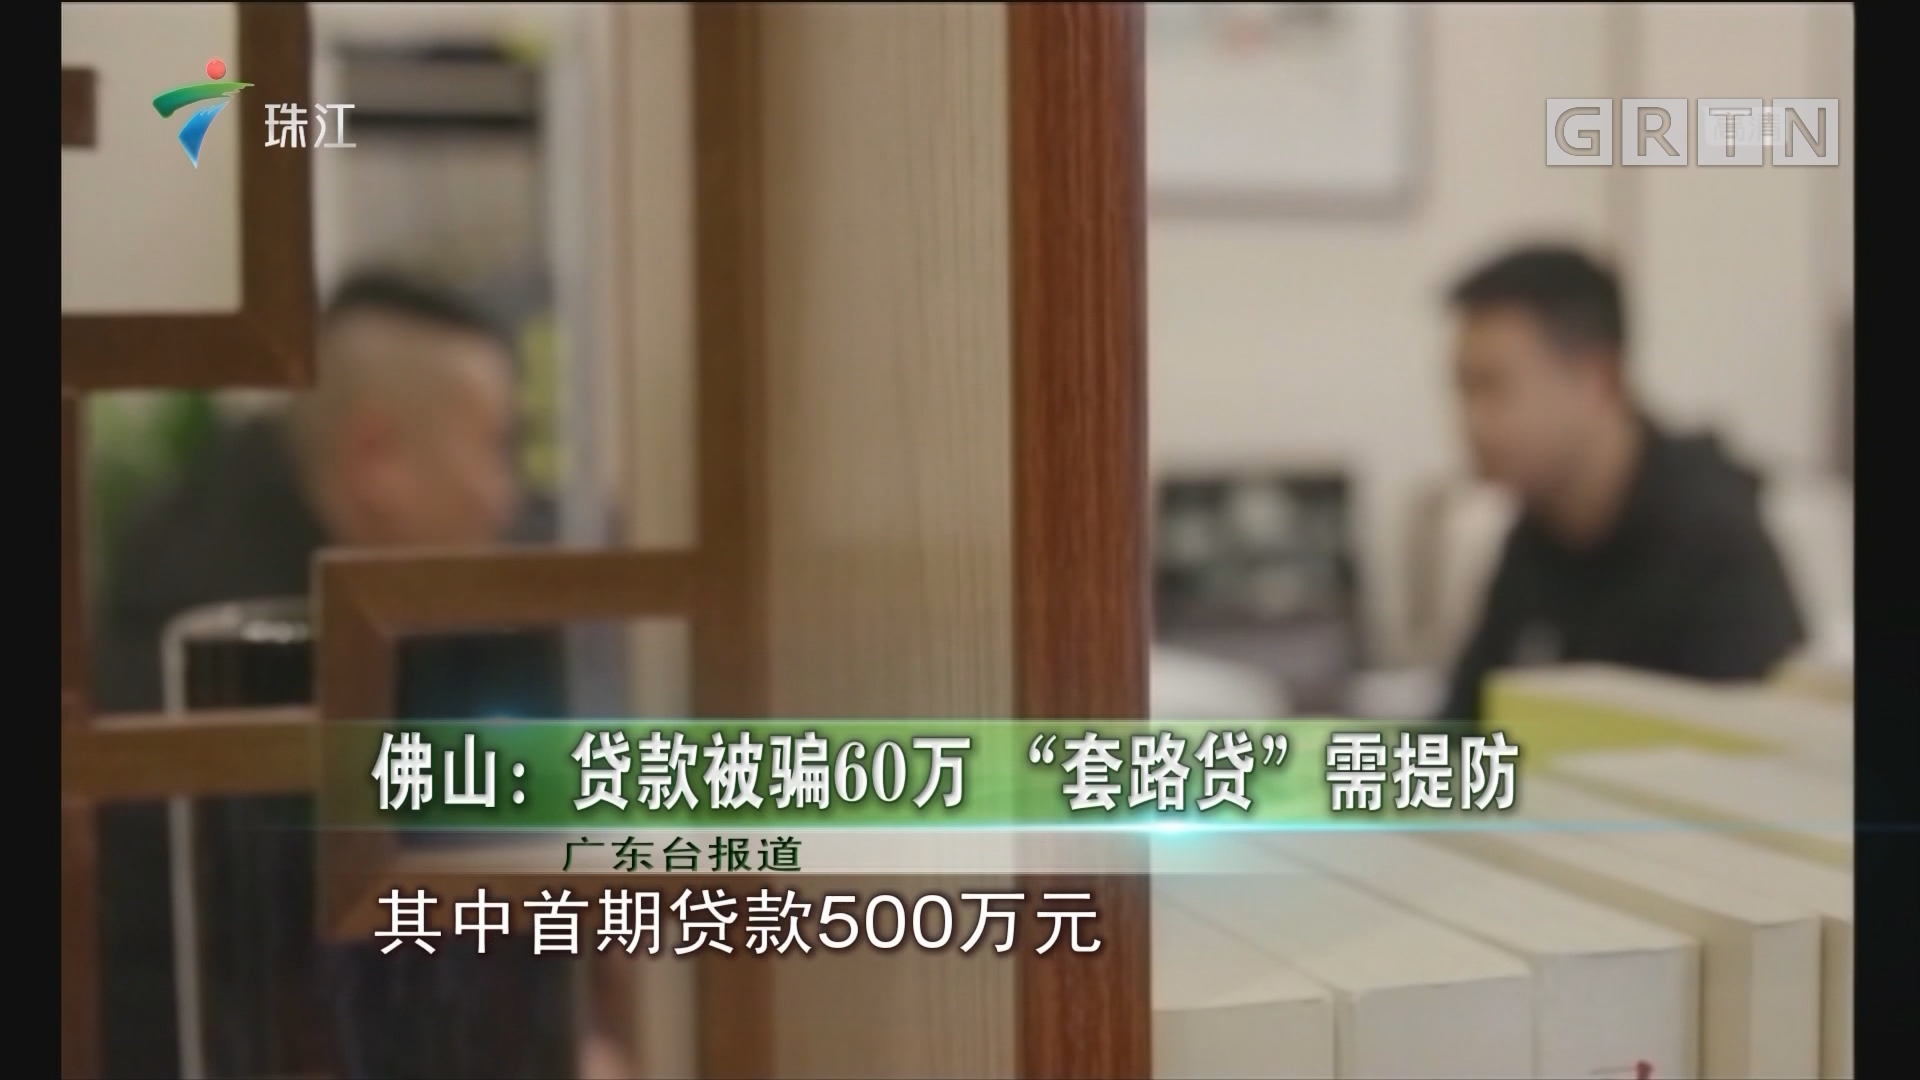 """佛山:贷款被骗60万 """"套路贷""""需提防"""